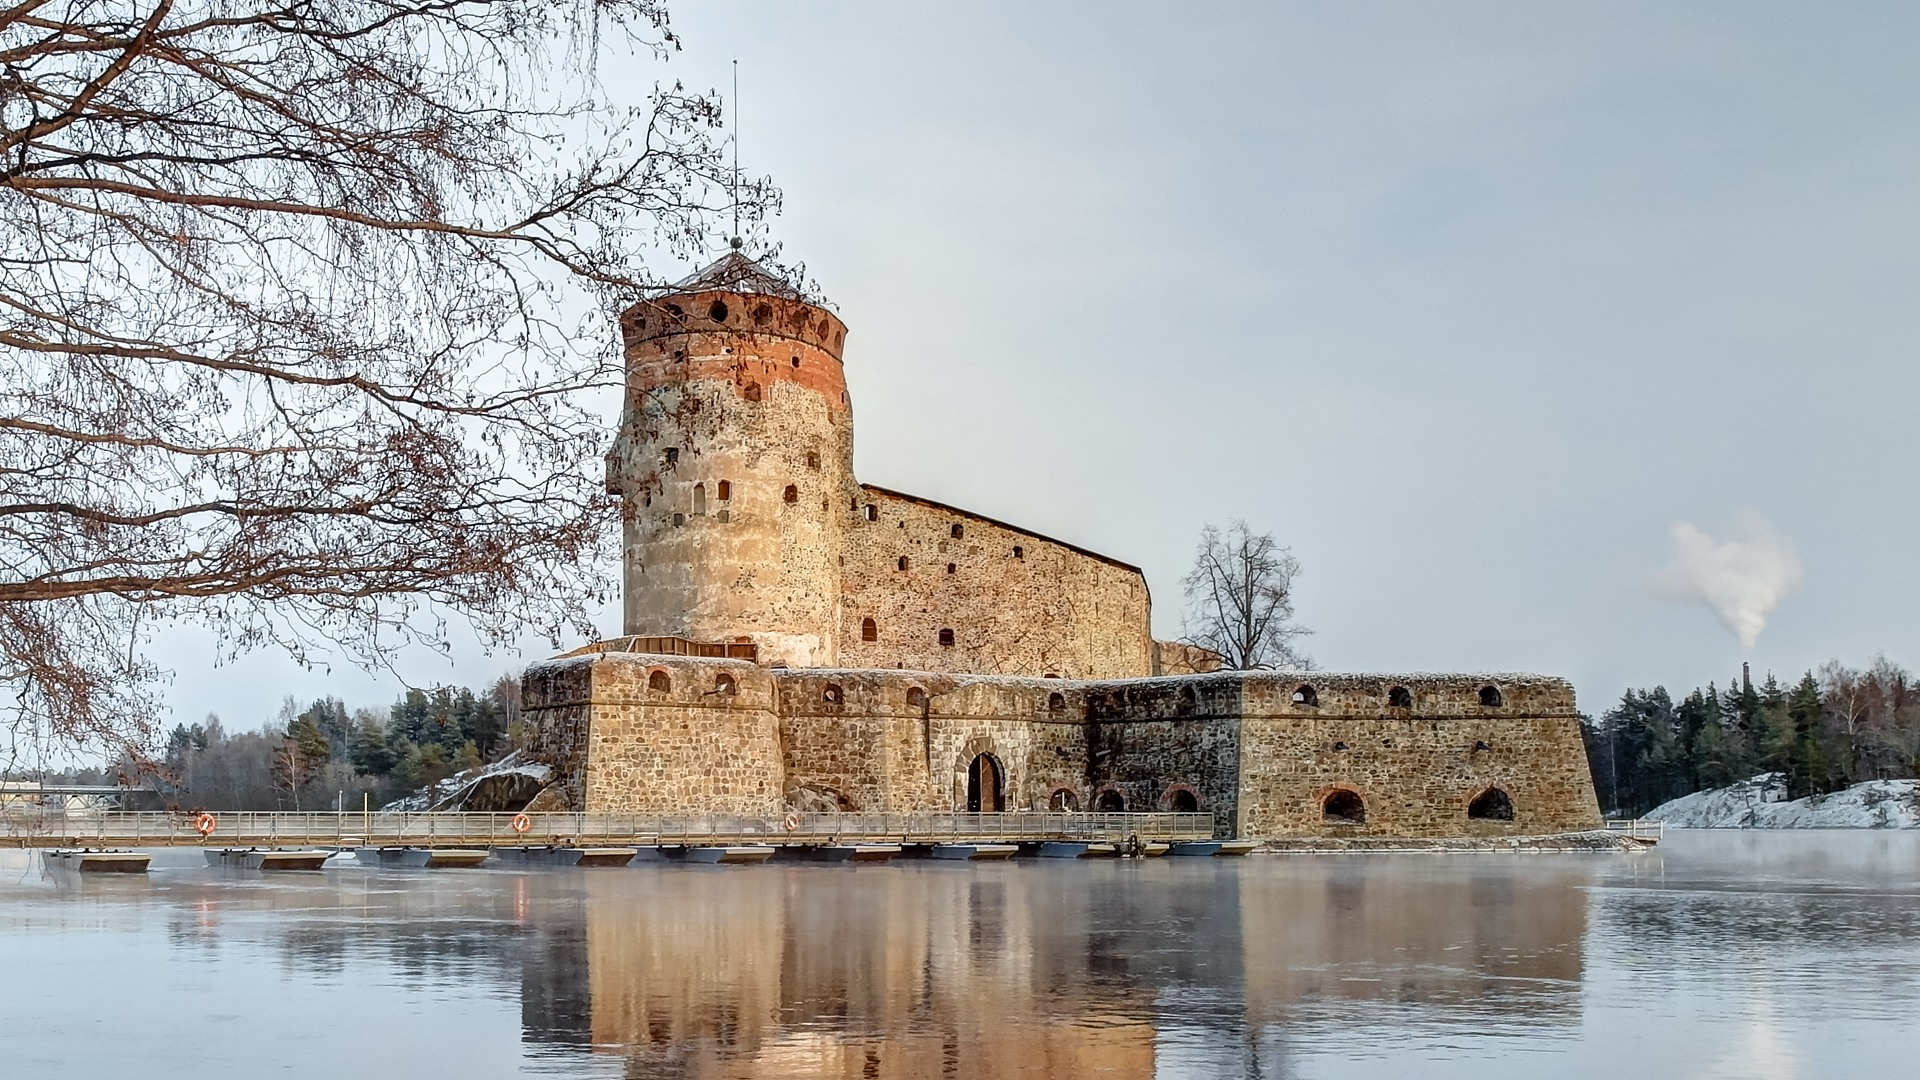 http://fresh-trip.ru/wp-content/uploads/2016/01/Olavinlinna_Savonlinna_Finland_4.jpg